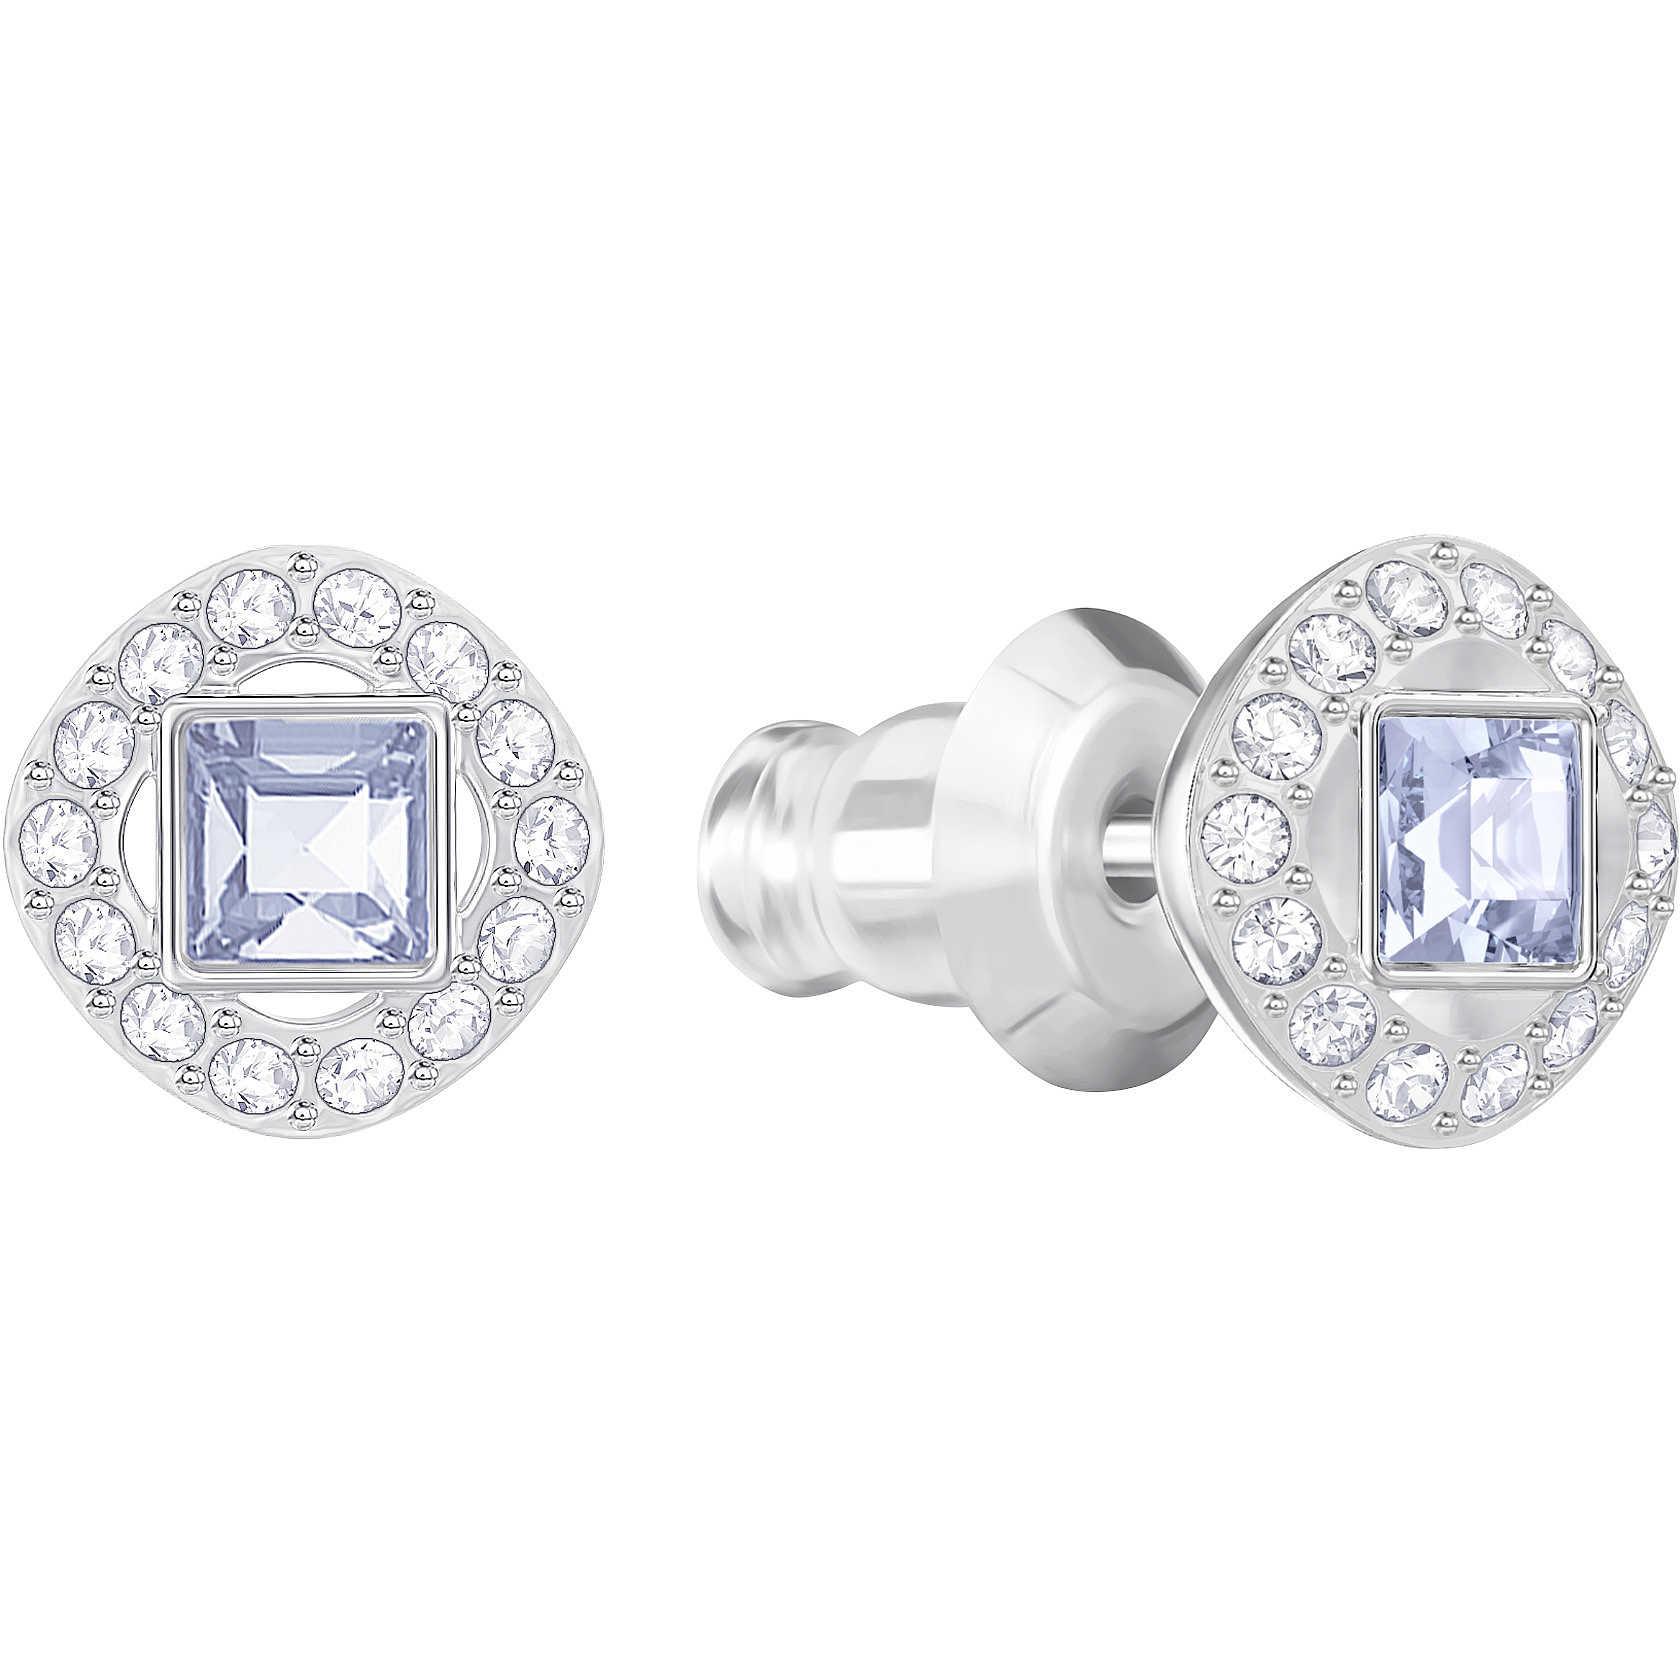 4a1f0a54b96a35 orecchini donna gioielli Swarovski Angelic Square 5352048 orecchini ...